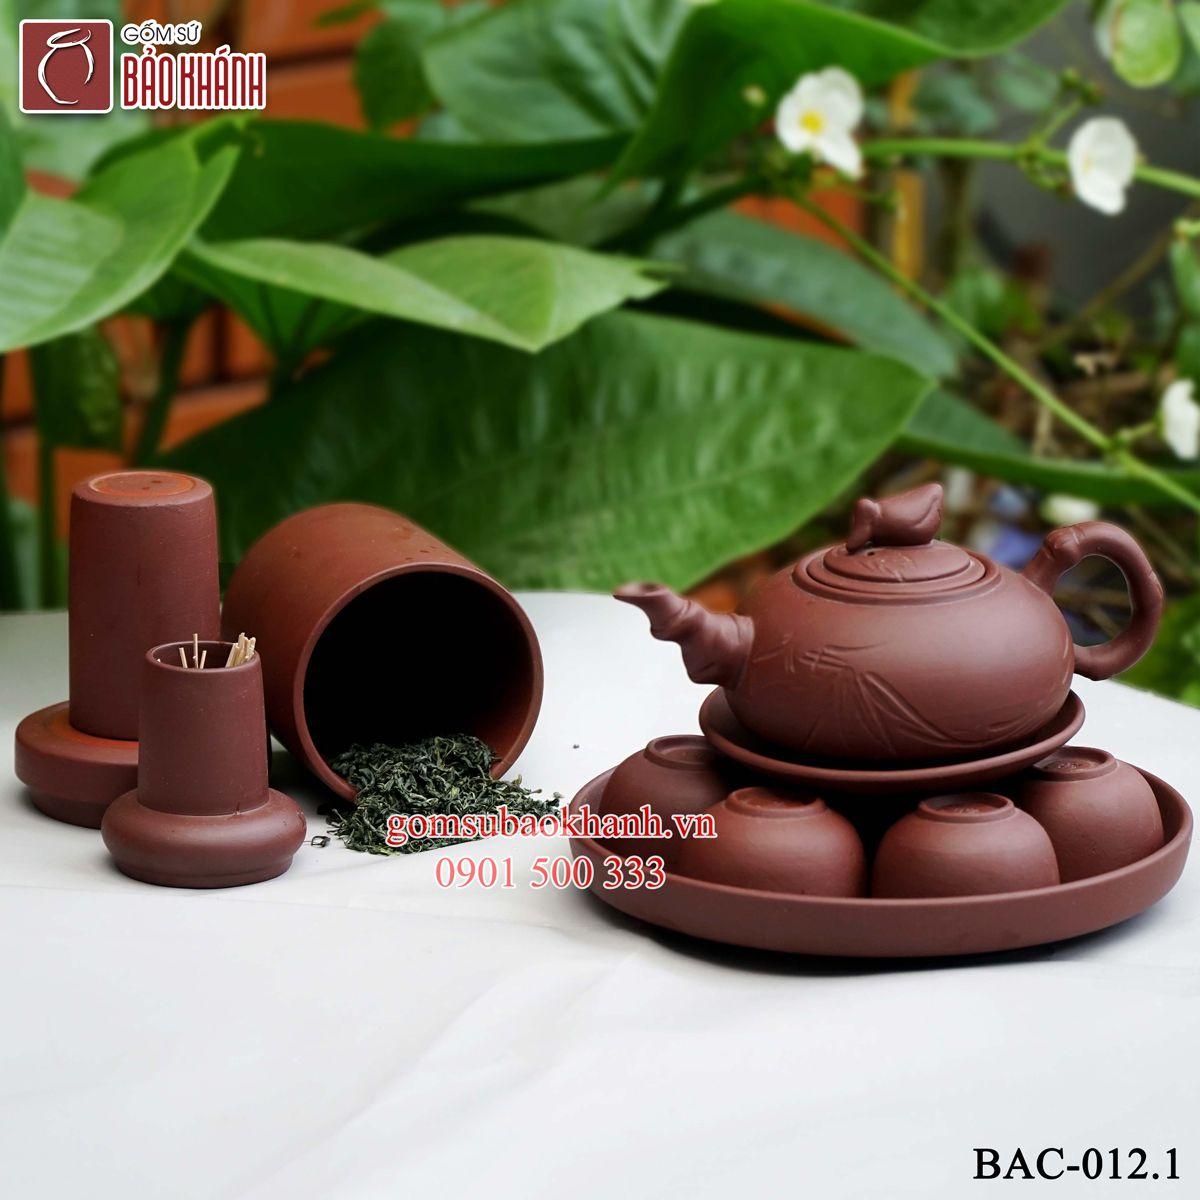 bộ ấm trà độc ẩm pha trà ngon